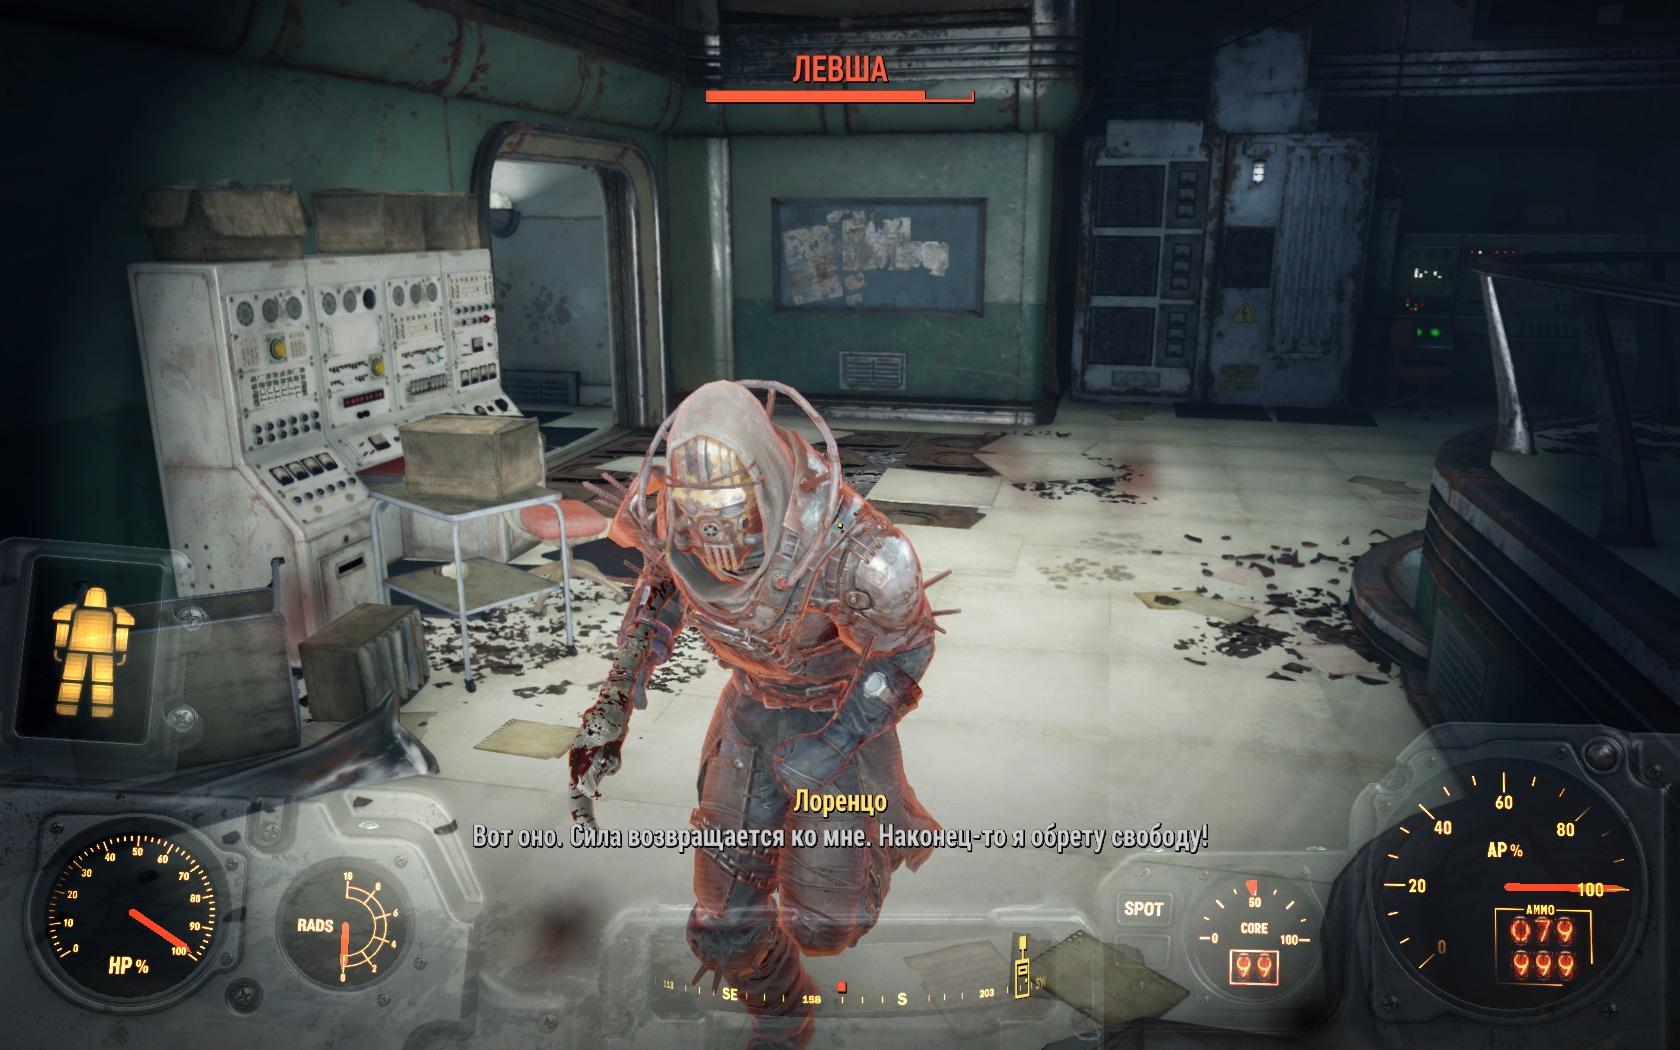 Левша в Fallout 4 (Психиатрическая больница Парсонс) - Fallout 4 больница, Левша, Парсонс, Психиатрическая больница Парсонс